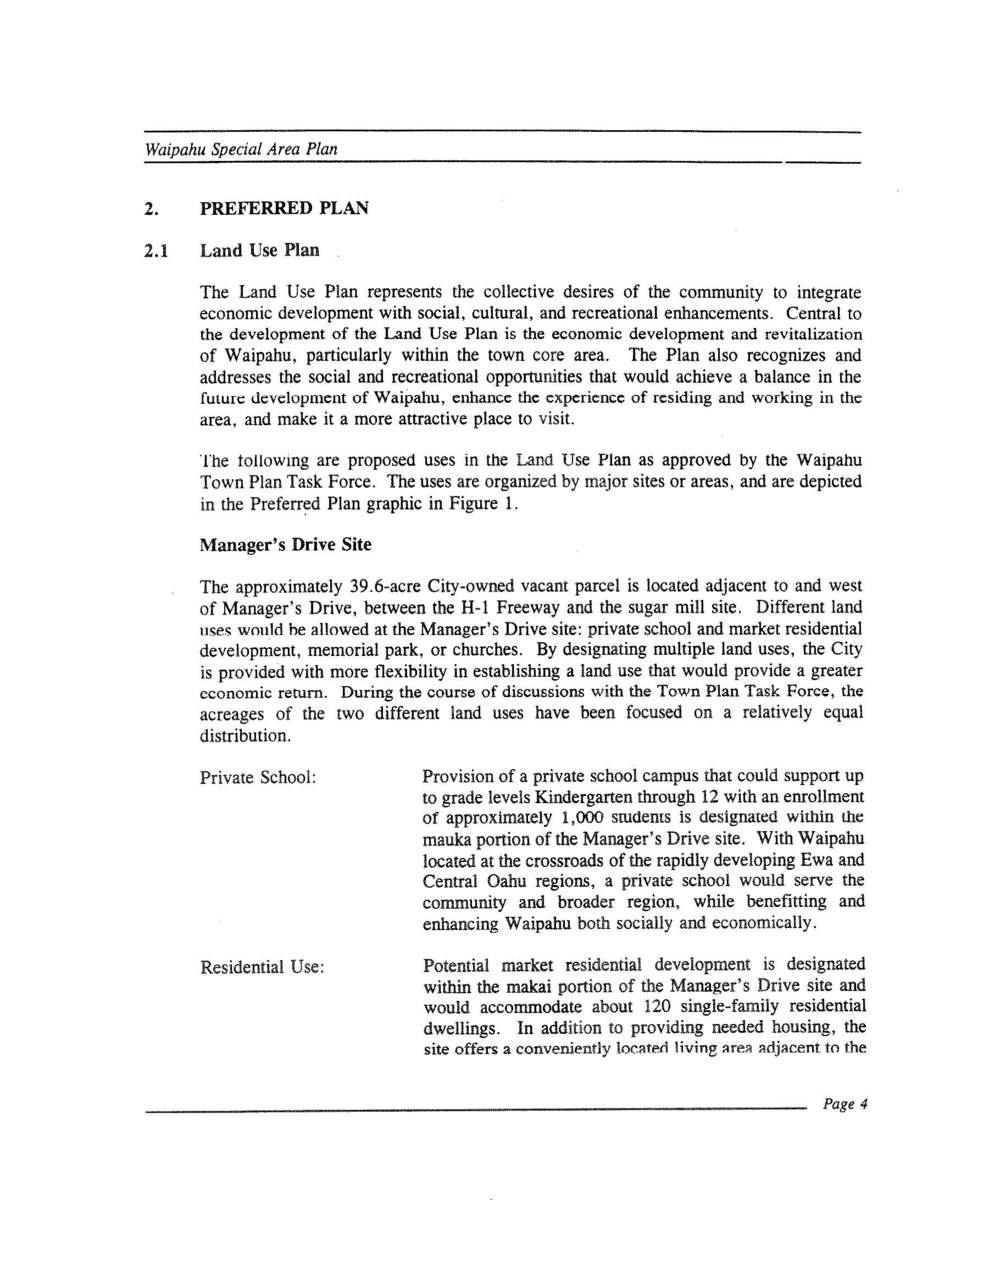 160531_WaipahuTownPlan(1995)_Page_07.jpg